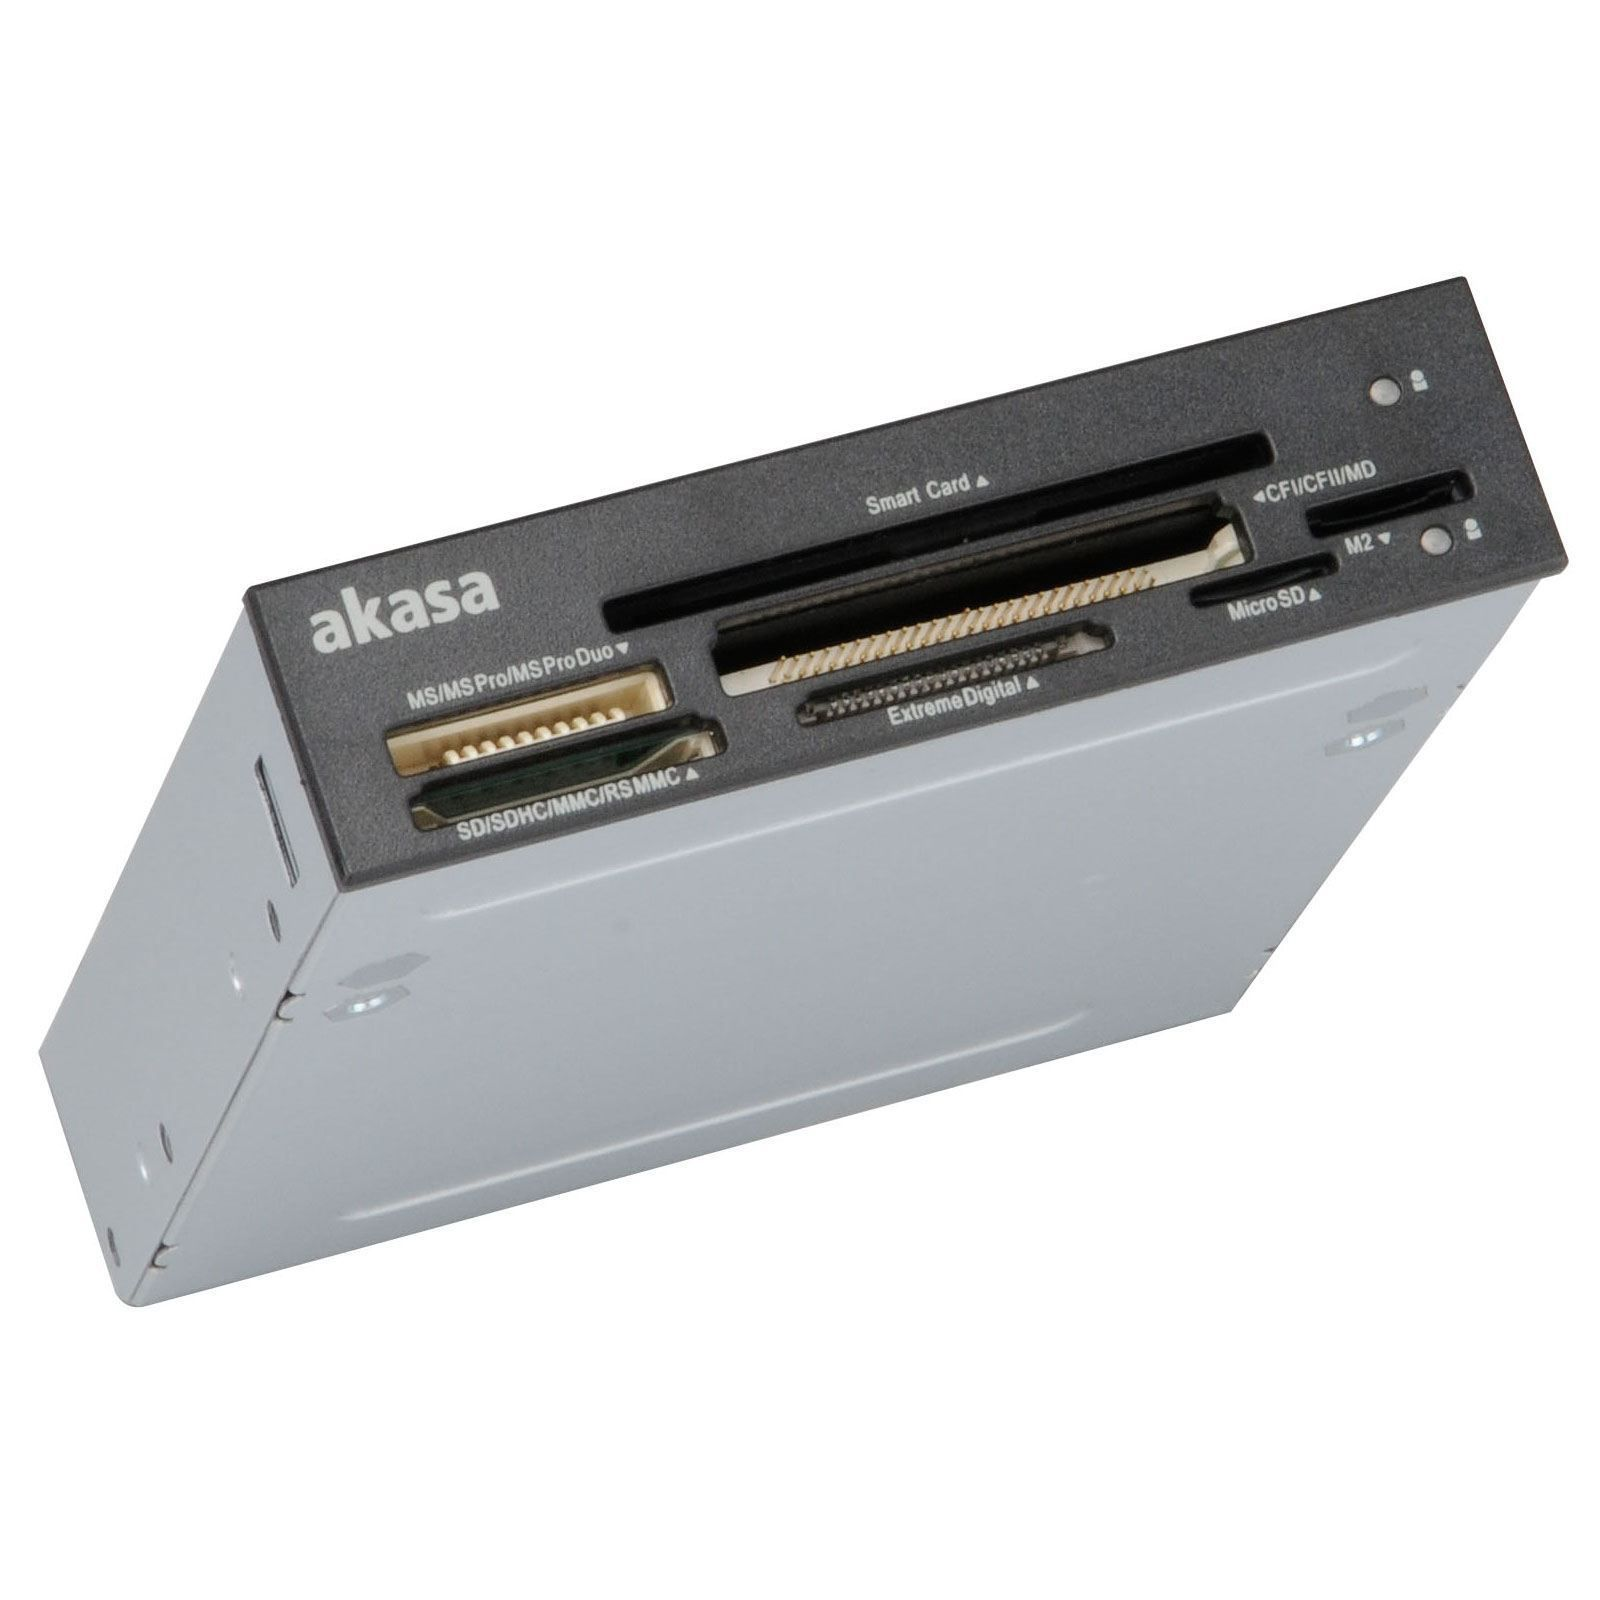 Akasa AK-ICR-09 Intern USB 2.0 geheugenkaartlezer